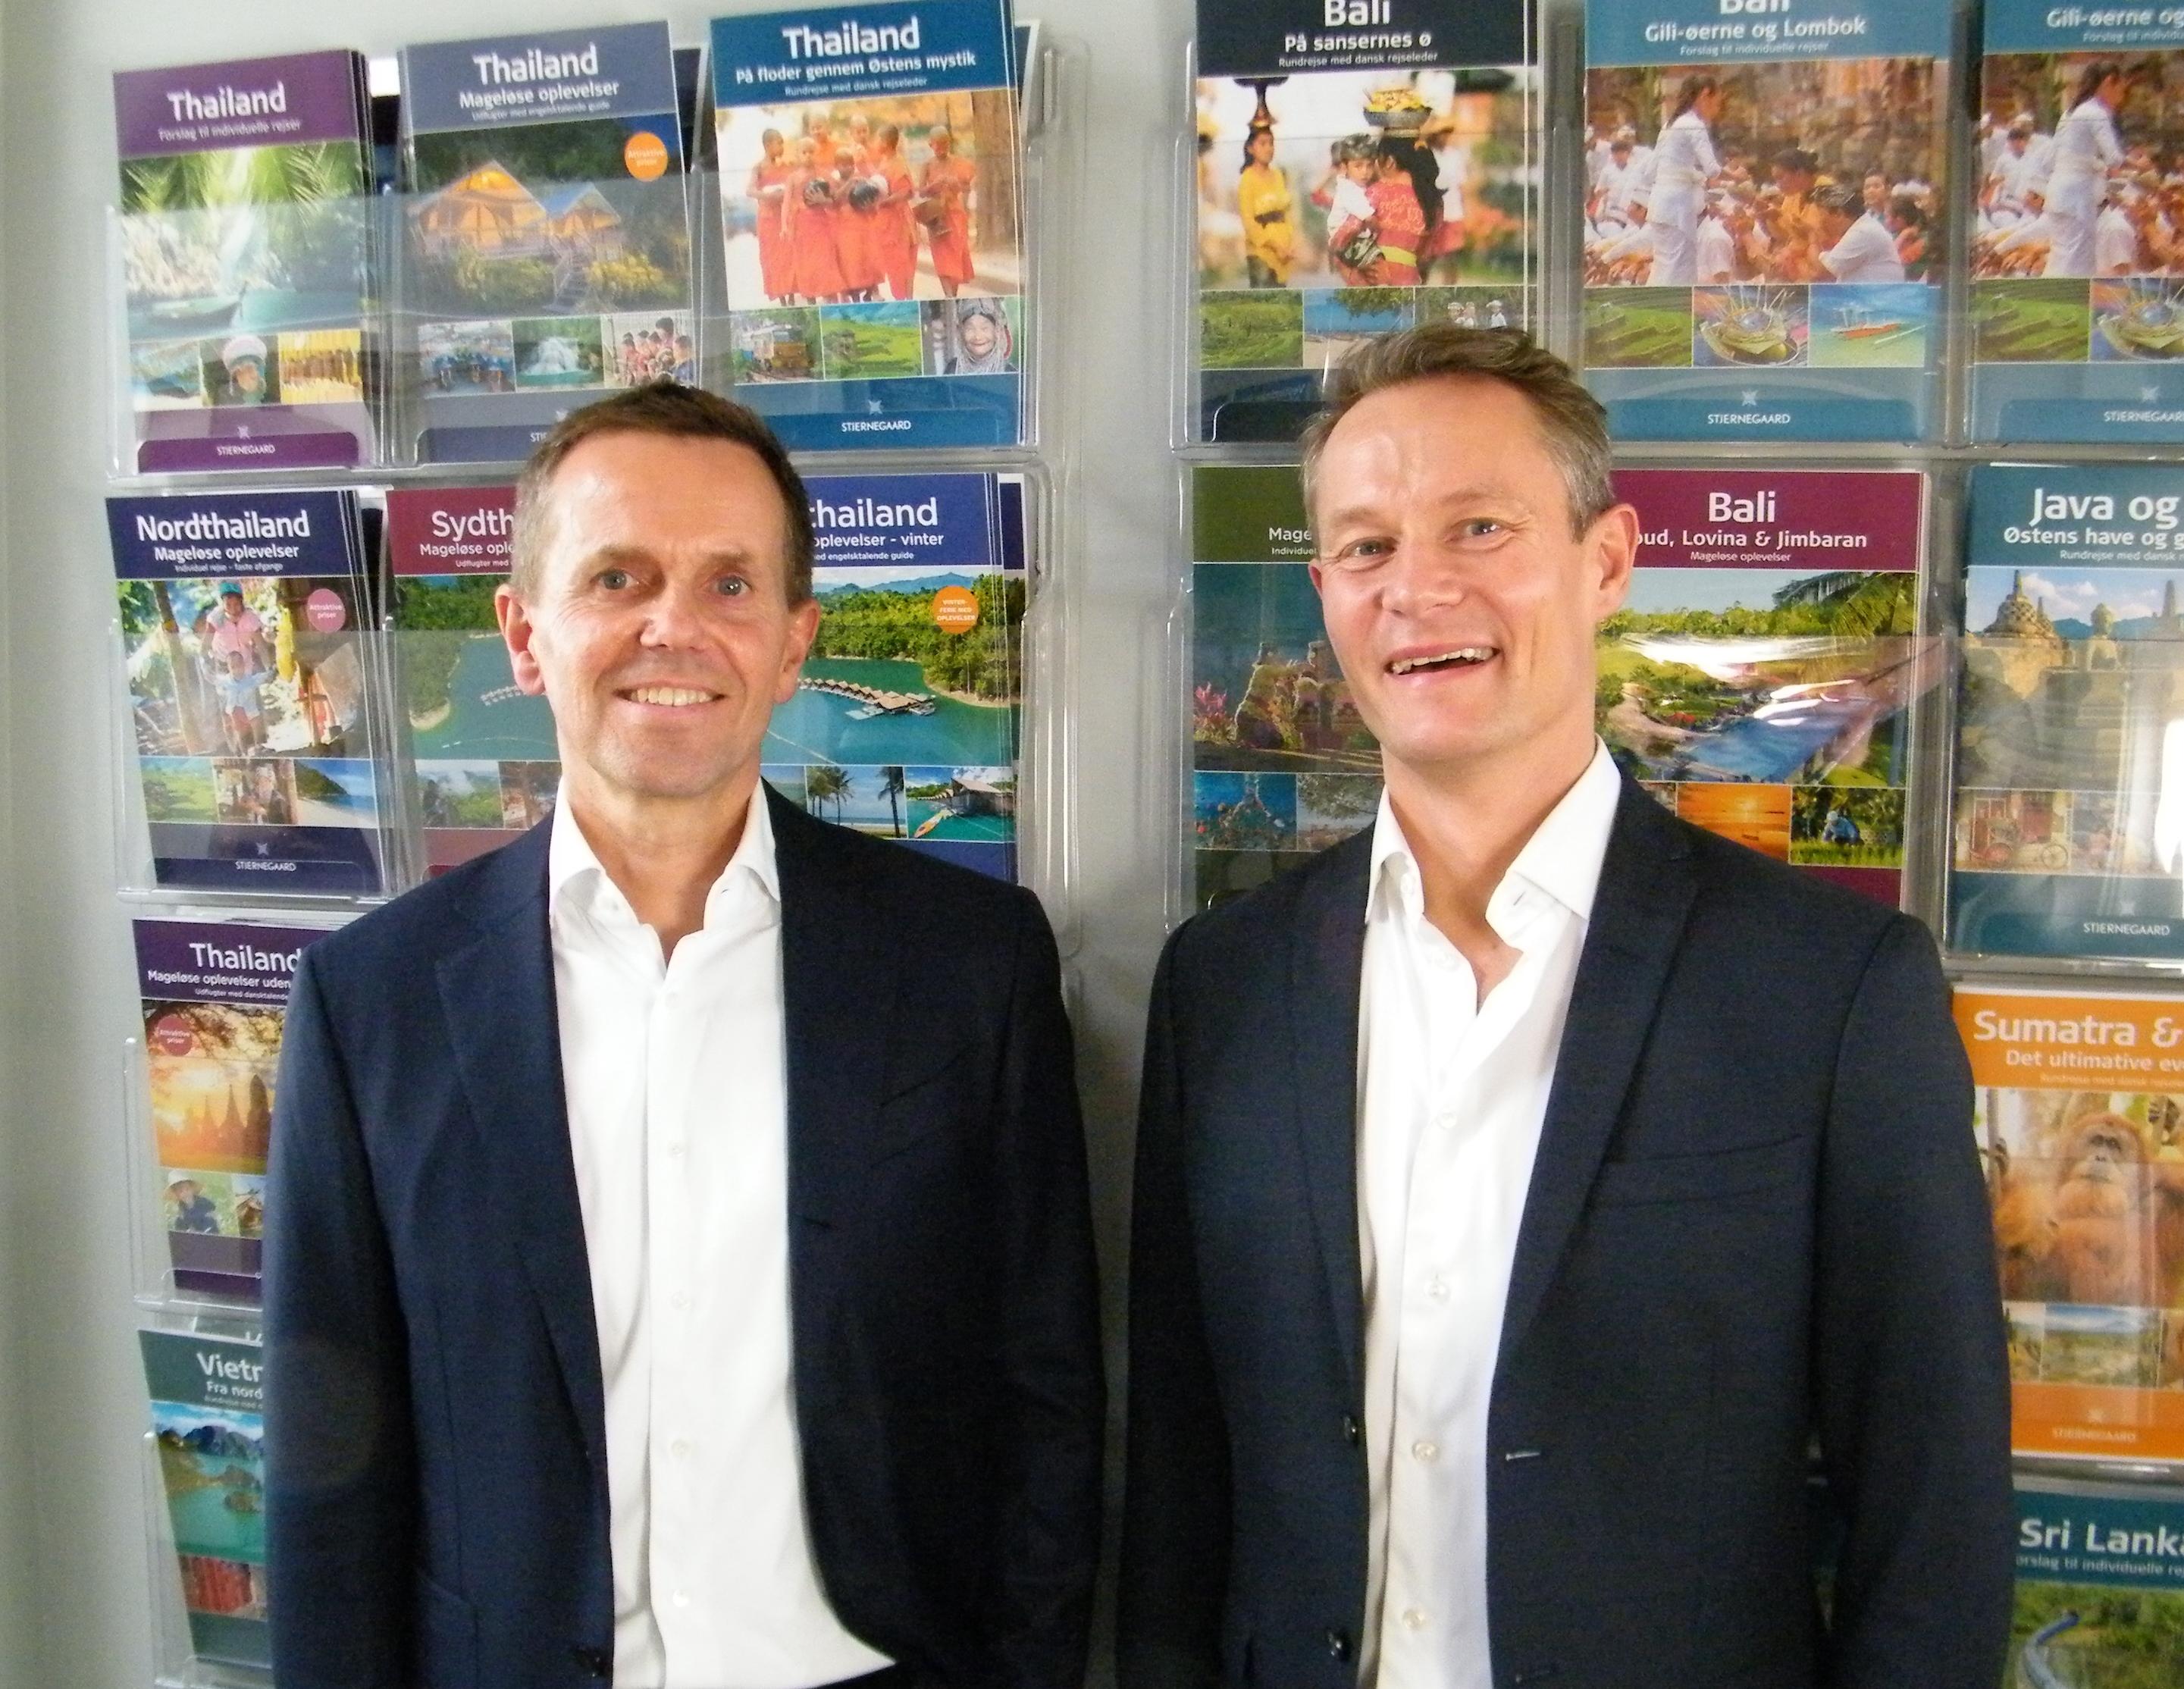 De to aktionærer i Stjernegaard Rejser, administrerende direktør Asger Domino, til venstre, og produktionsdirektør Peter Nielsen, fotograferet tidligere i år. Foto: Henrik Baumgarten.